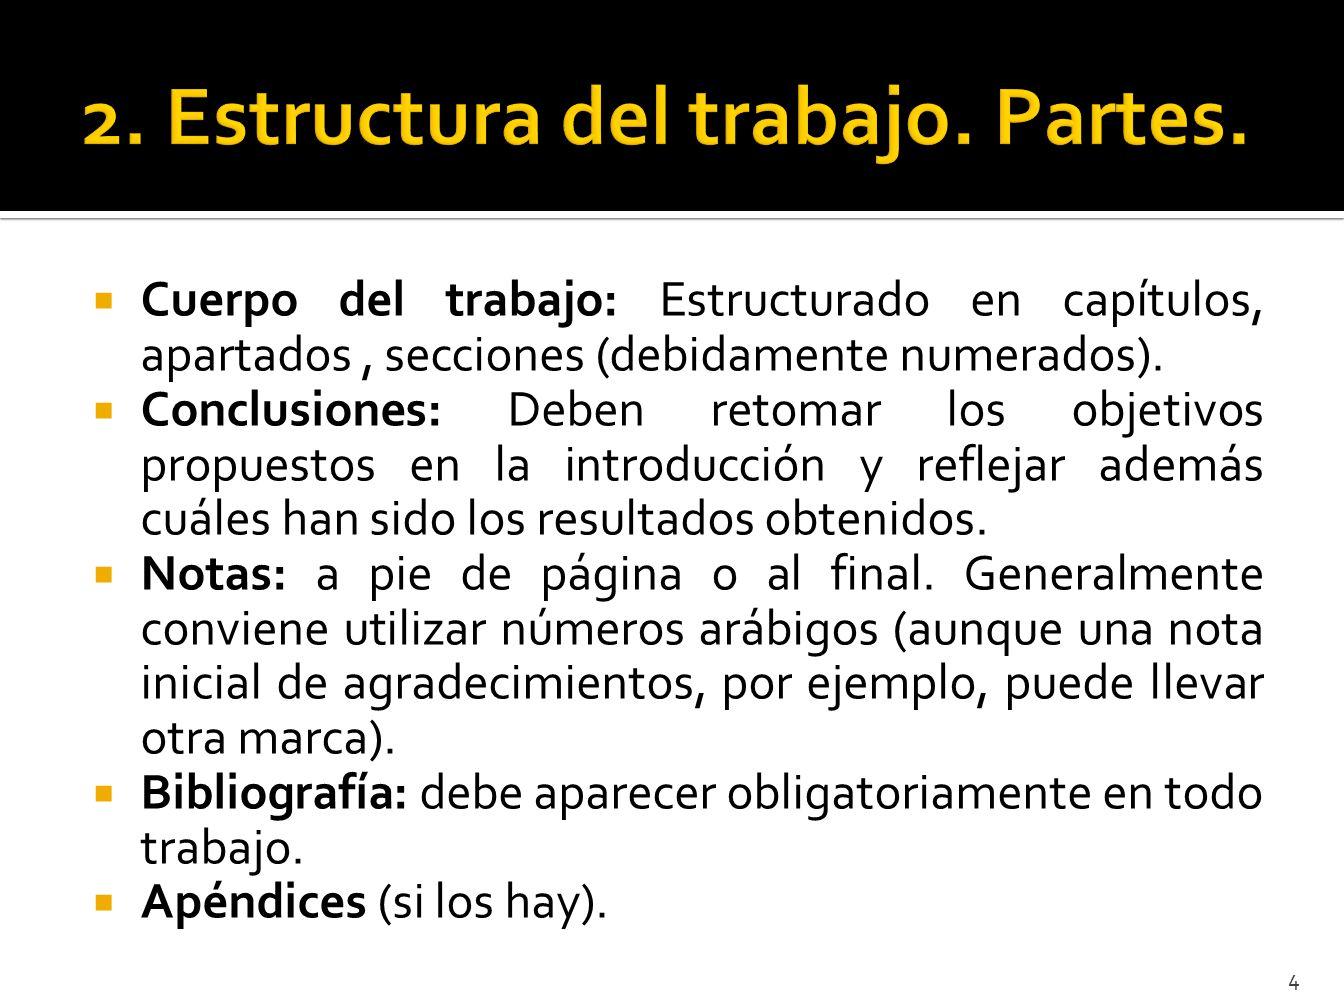 2. Estructura del trabajo. Partes.